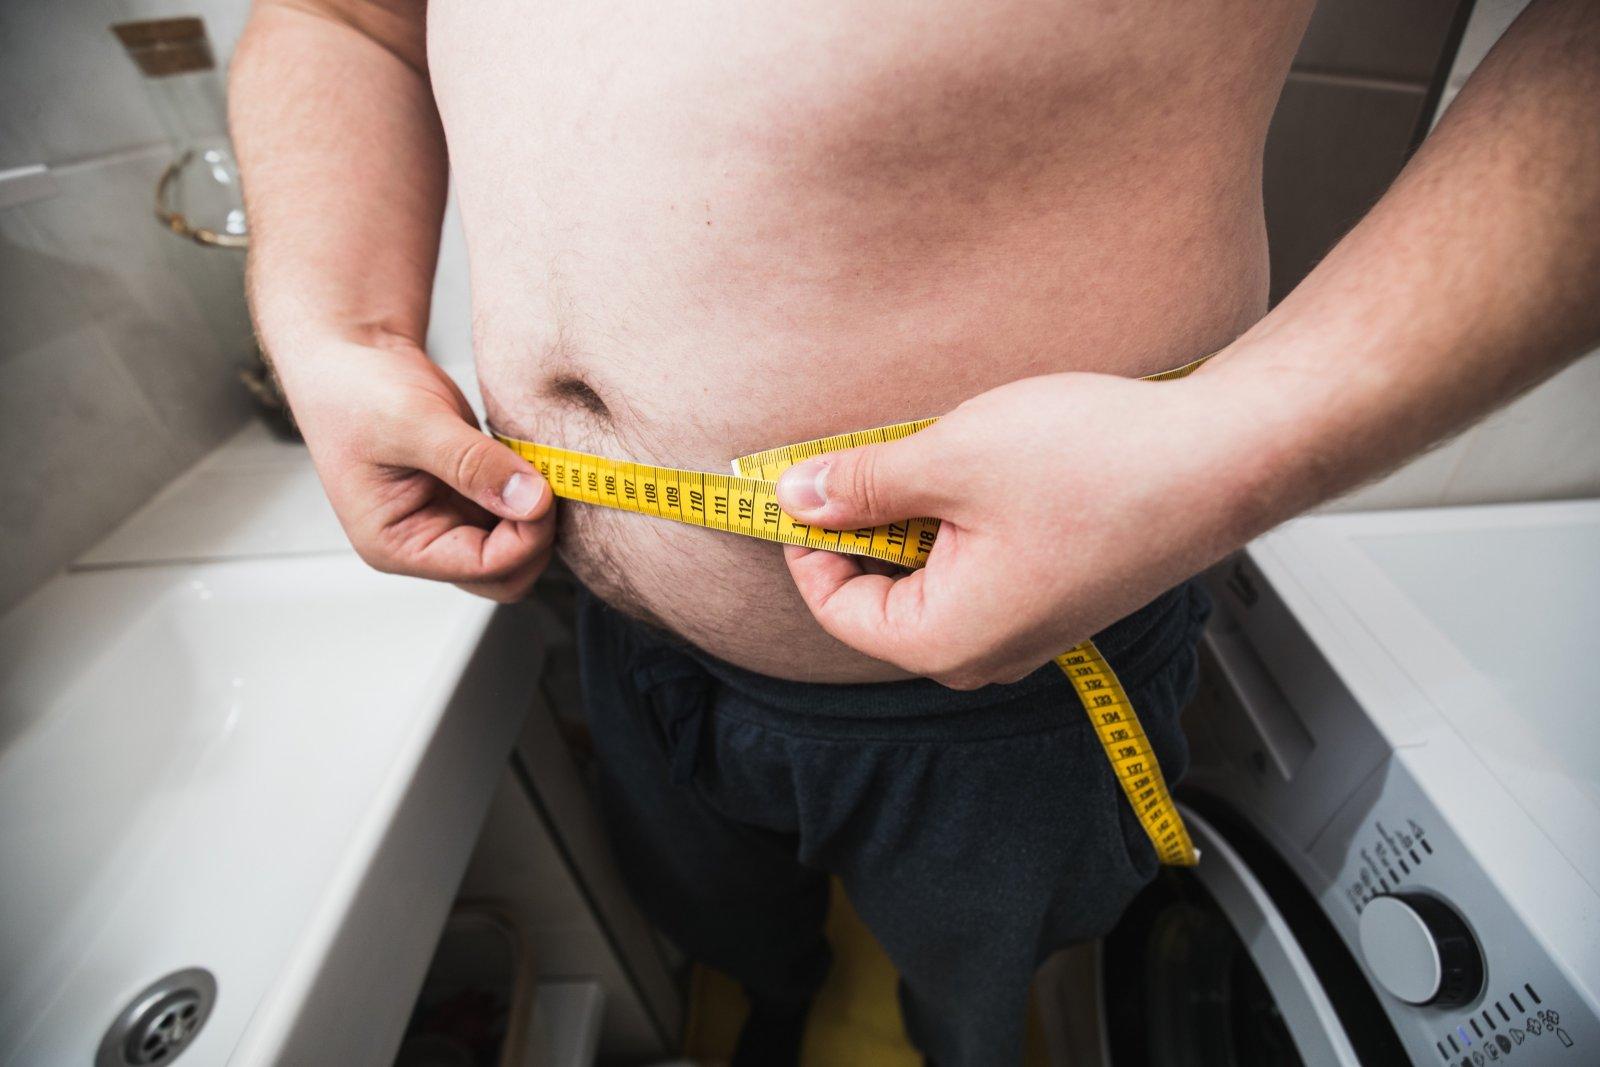 slimming bbq ideed online fat burner